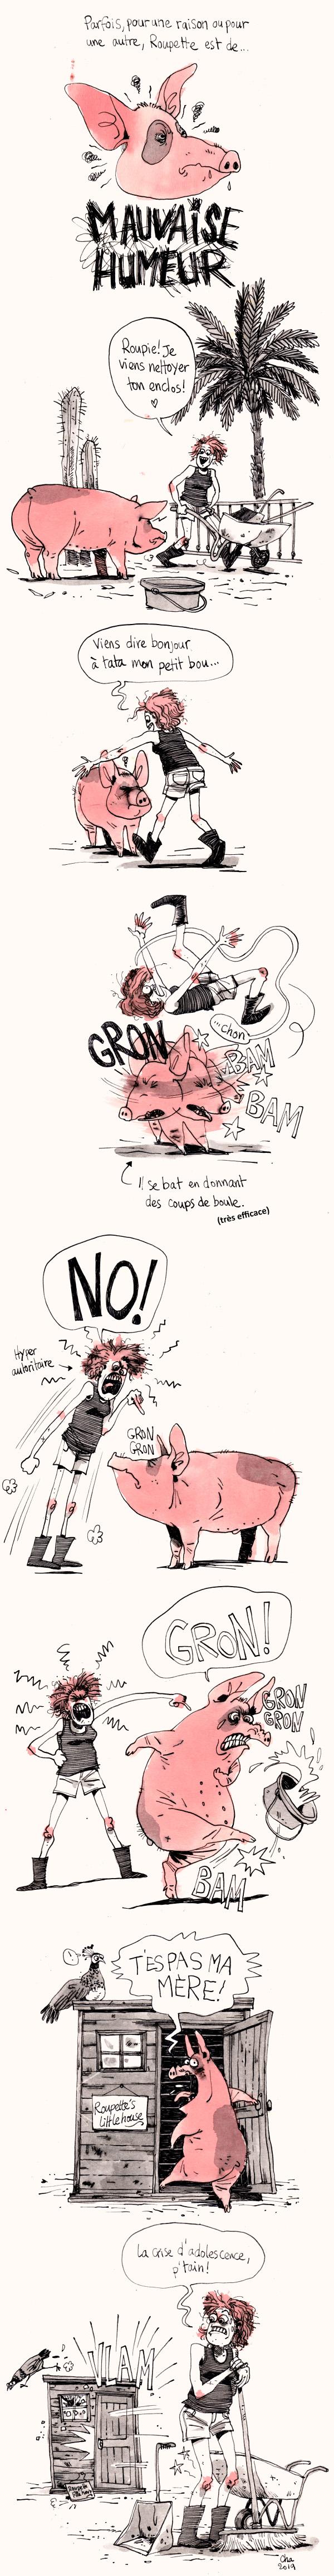 Roupette le cochon - mauvaise humeur